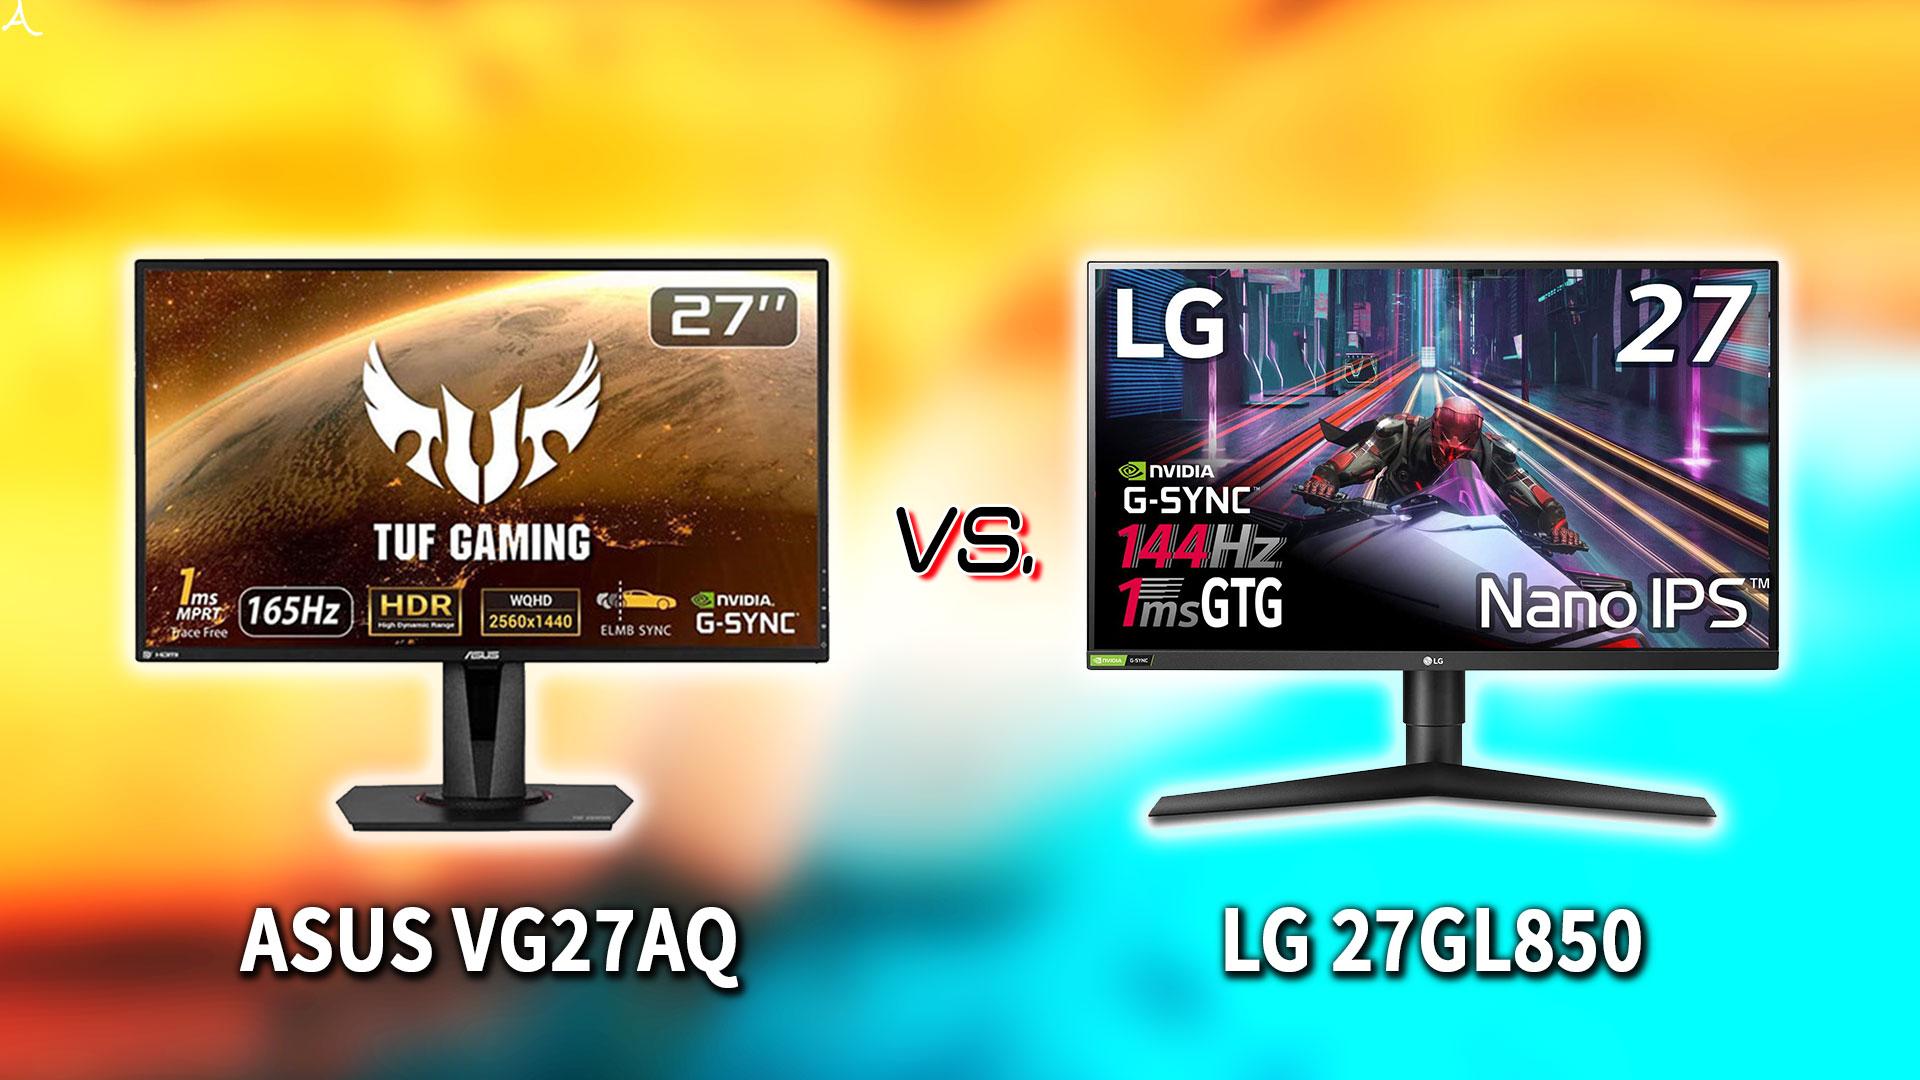 「ASUS VG27AQ」と「LG 27GL850」の違いを比較:どっちを買う?